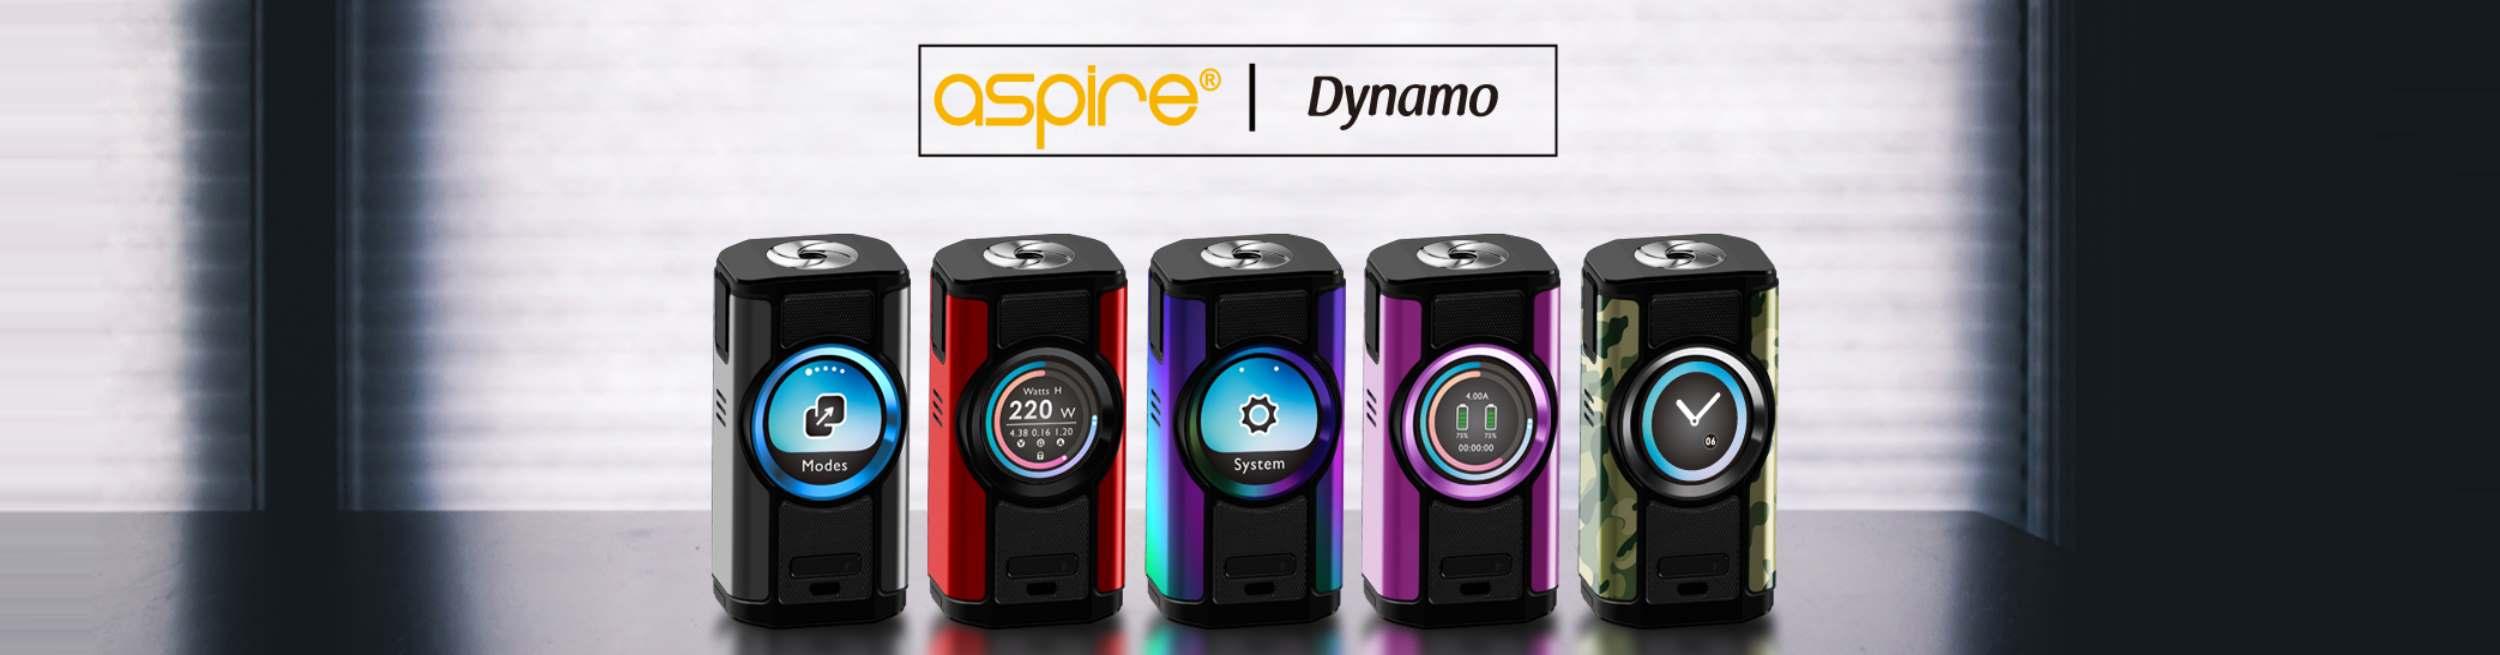 Aspire Dynamo MOD